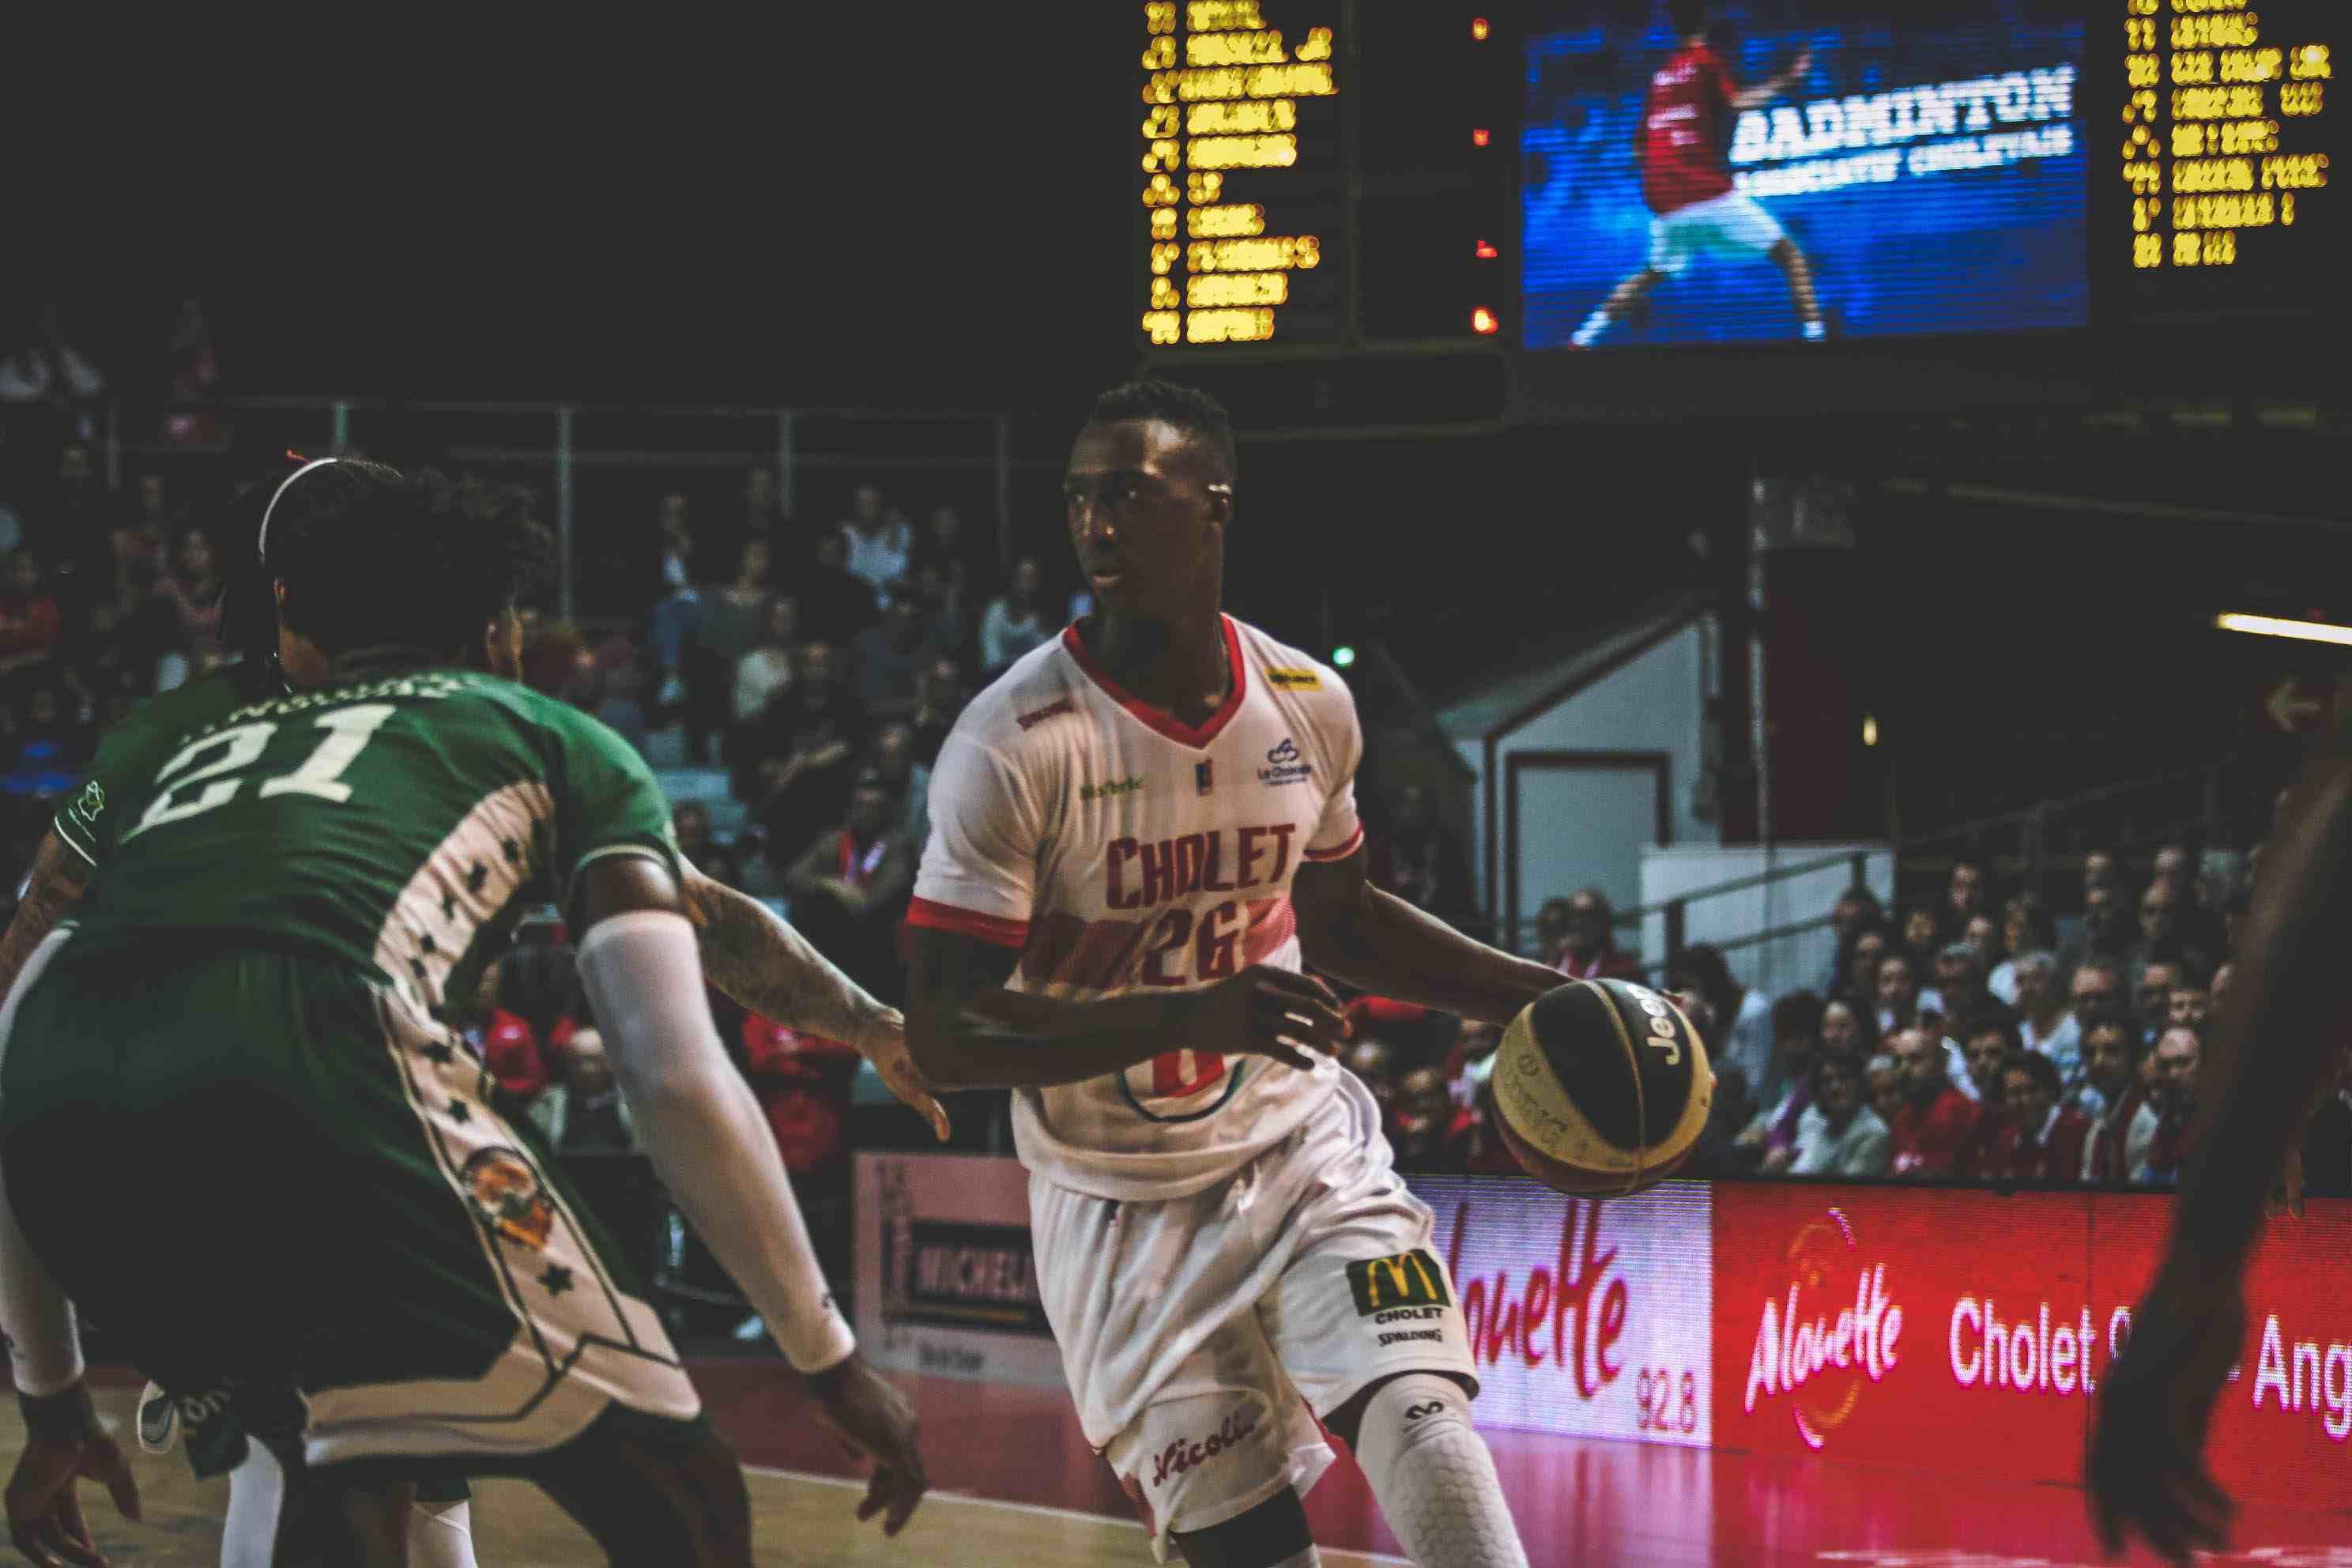 Cholet Basket - ESSM Le Portel (27-04-19)